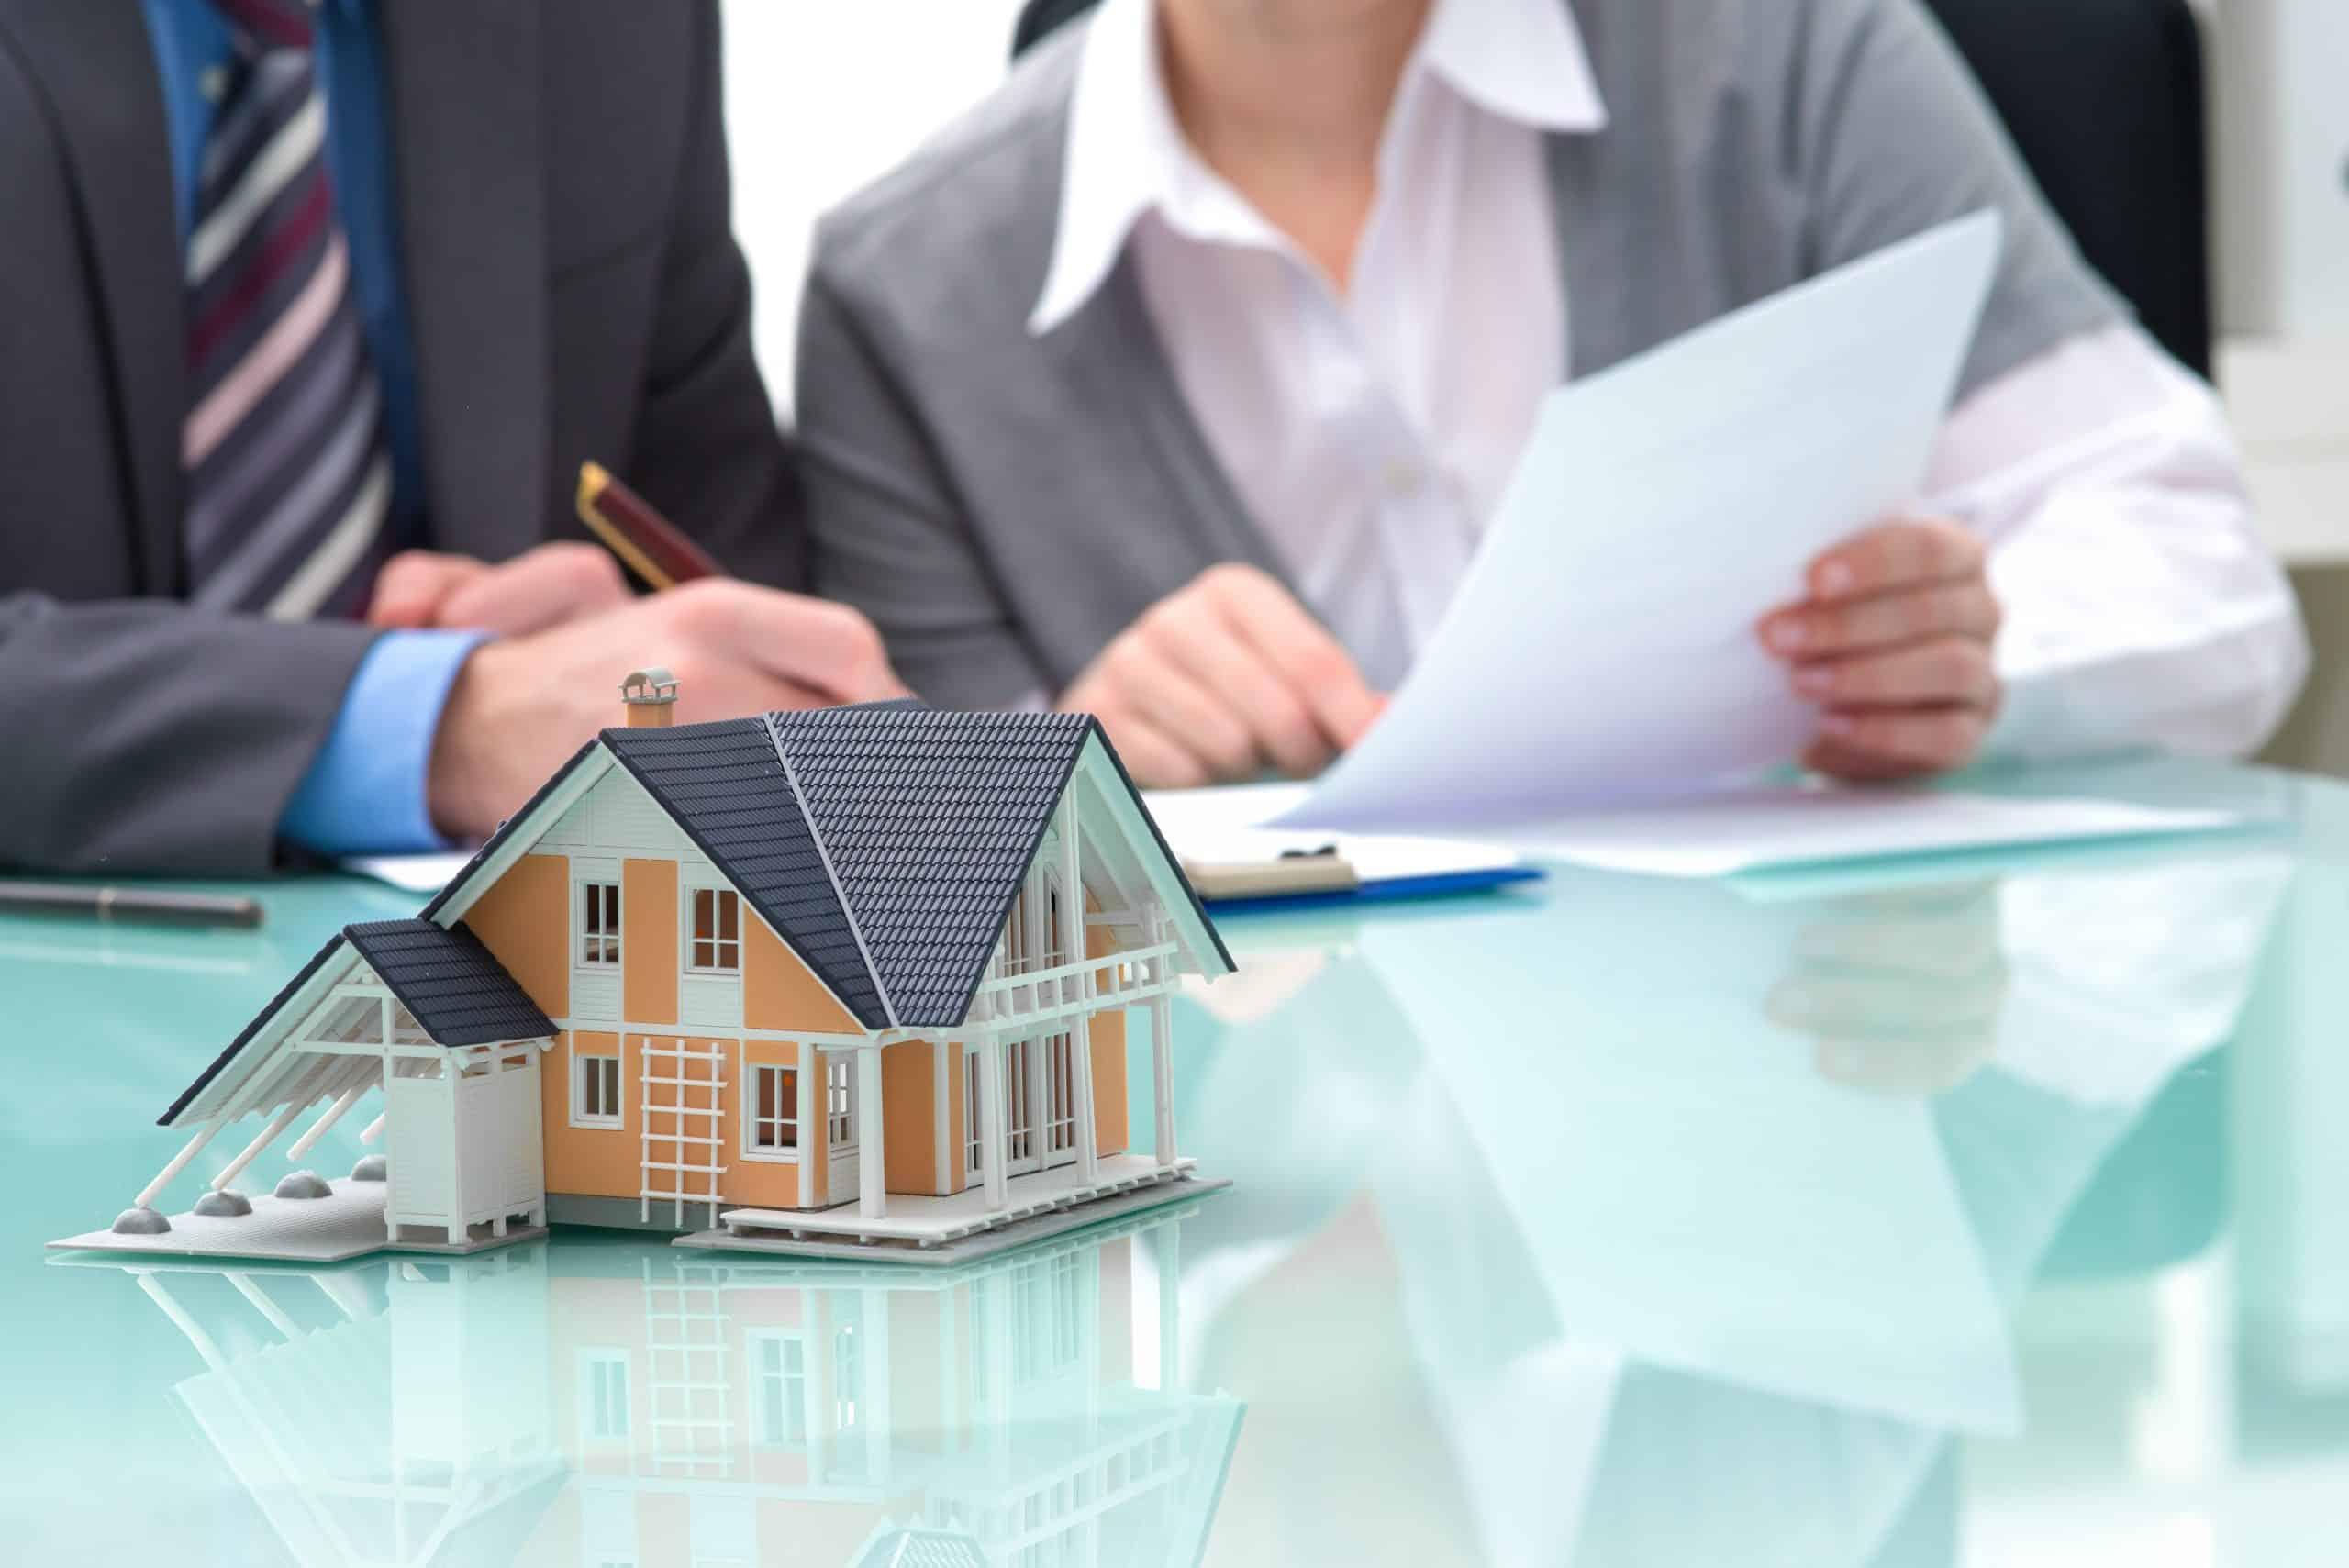 Digitalisierung im Immobilienbereich